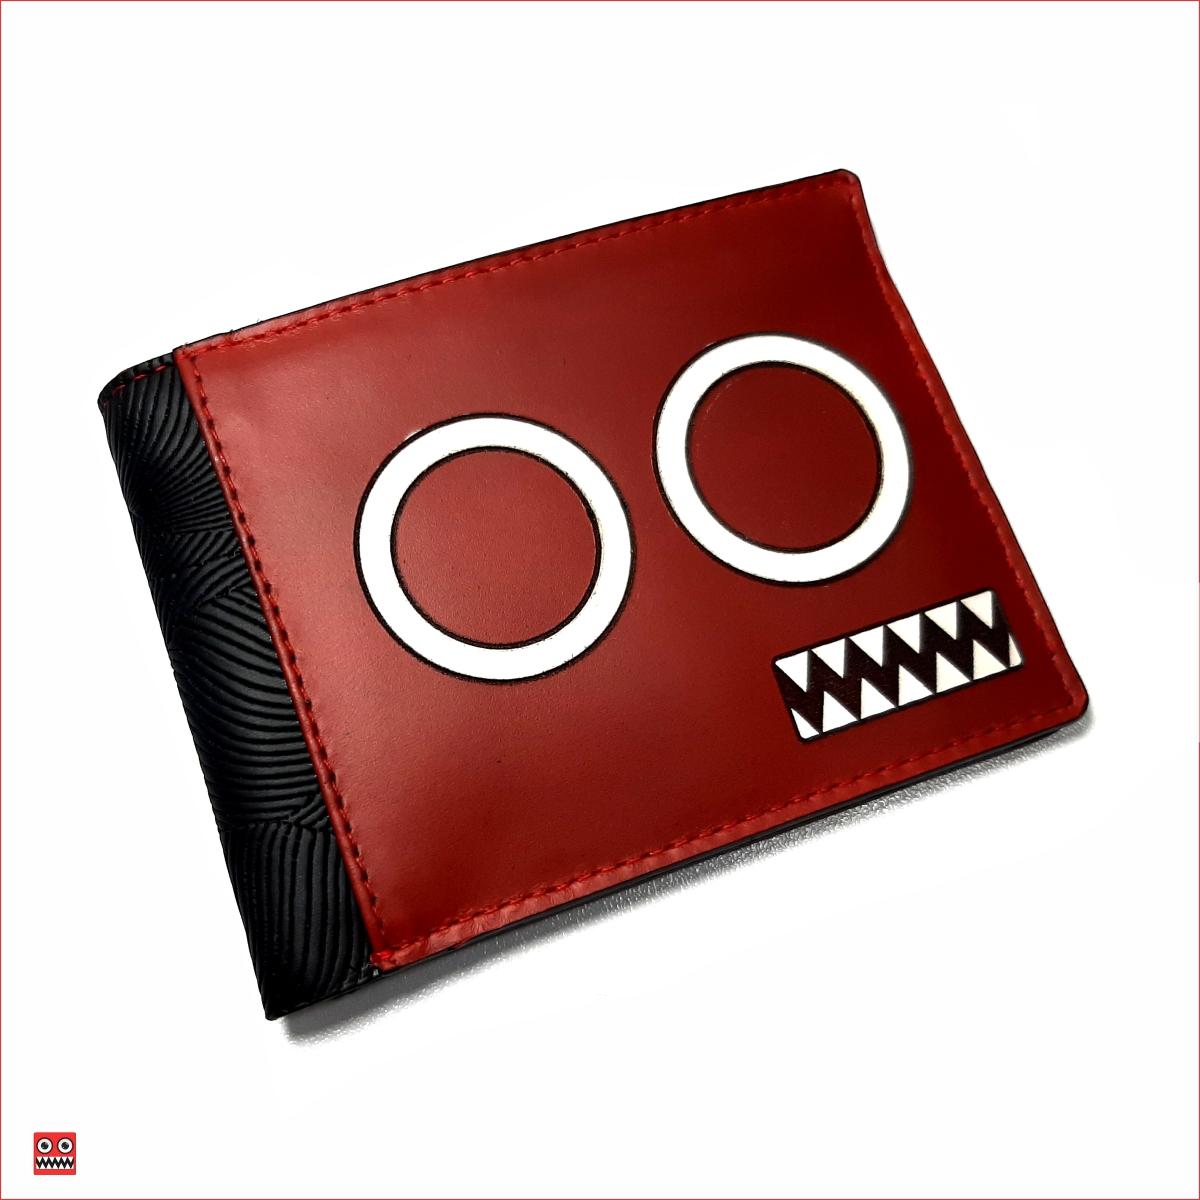 Billetera roja – negro y ojos blancos con interior rojo, material 100% cuero y Sintético brillante negro, $45.000 0 Medida 11,5 cm x 8,7 cm cartera cerrada.